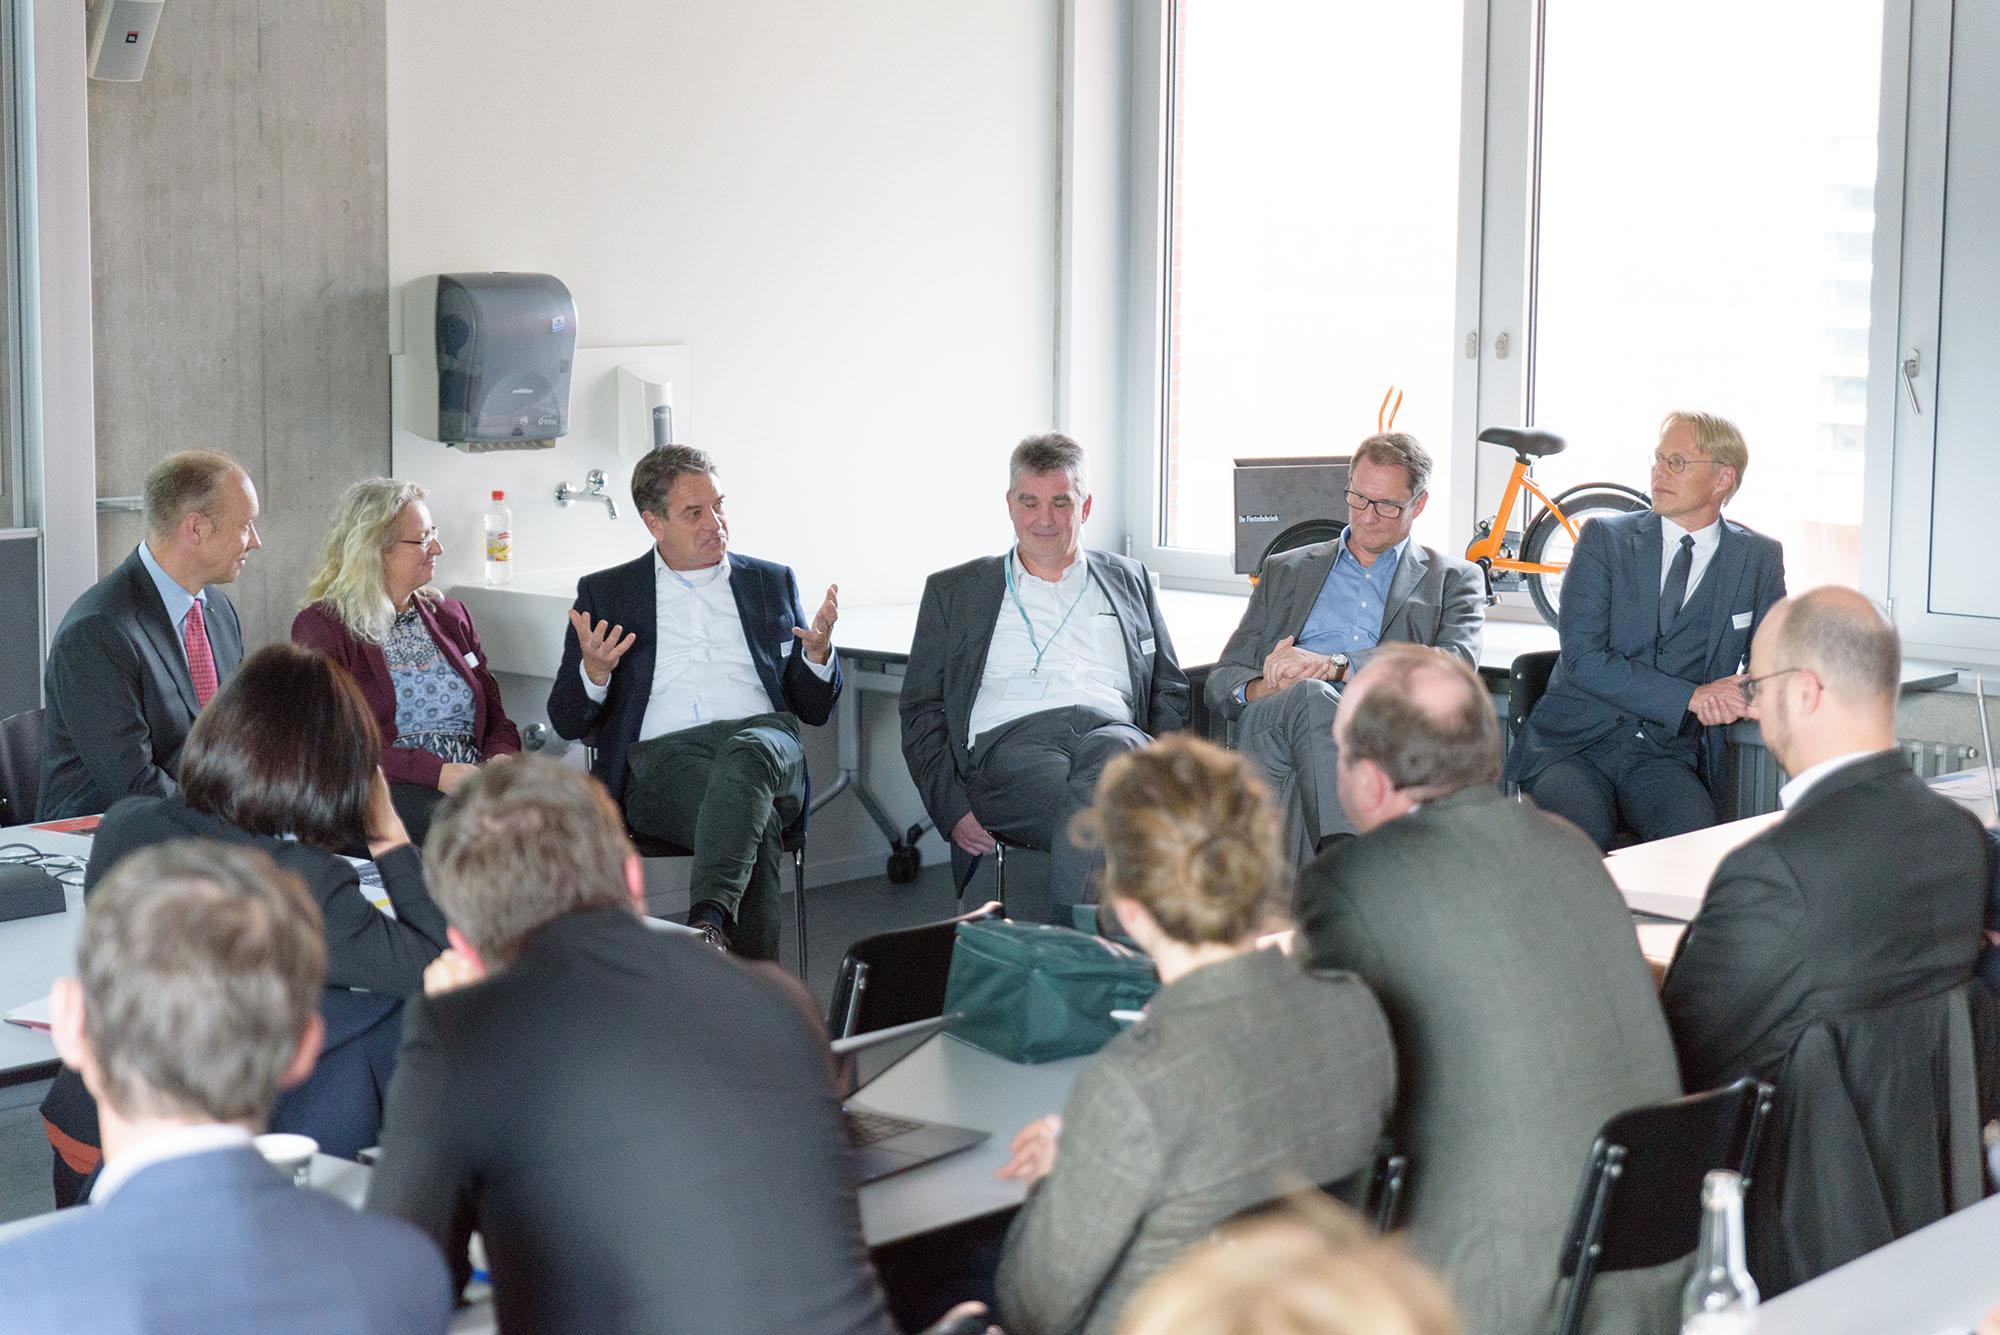 Rolf Hügli, Daniela Decurtins, David Thiel, Jürgen Baumann, Roland Bilang, Peter de Haan